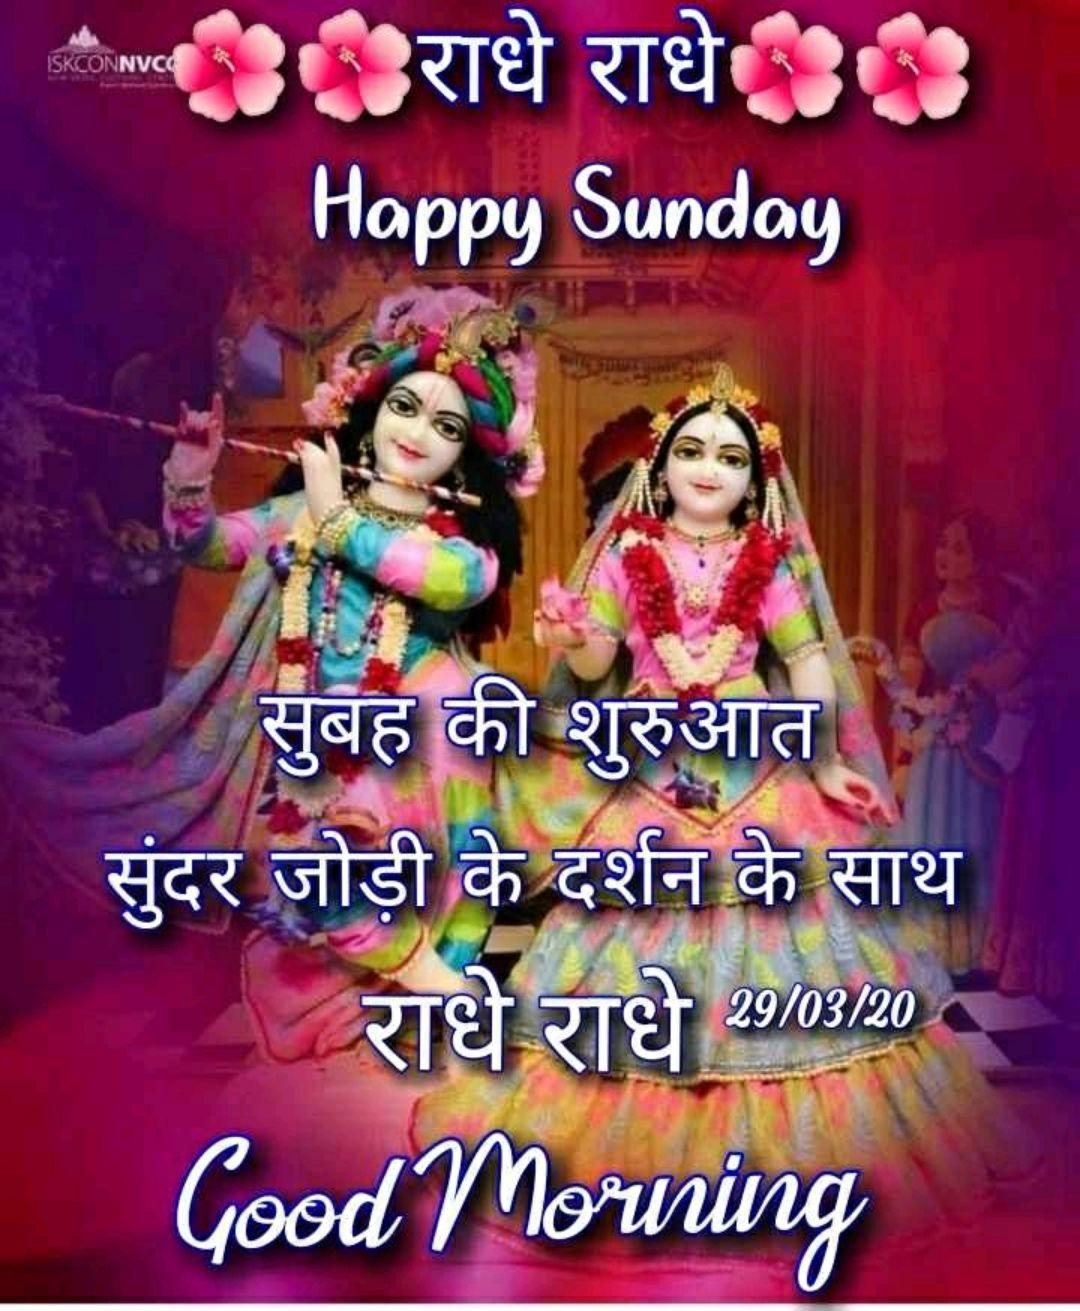 🌞সুপ্রভাত - ISKCONNVC राधे राधे 30 Happy Sunday सुबह की शुरुआत सुंदर जोड़ी के दर्शन के साथ राधे राधे 29 / 03 / 20 Good Morning - ShareChat